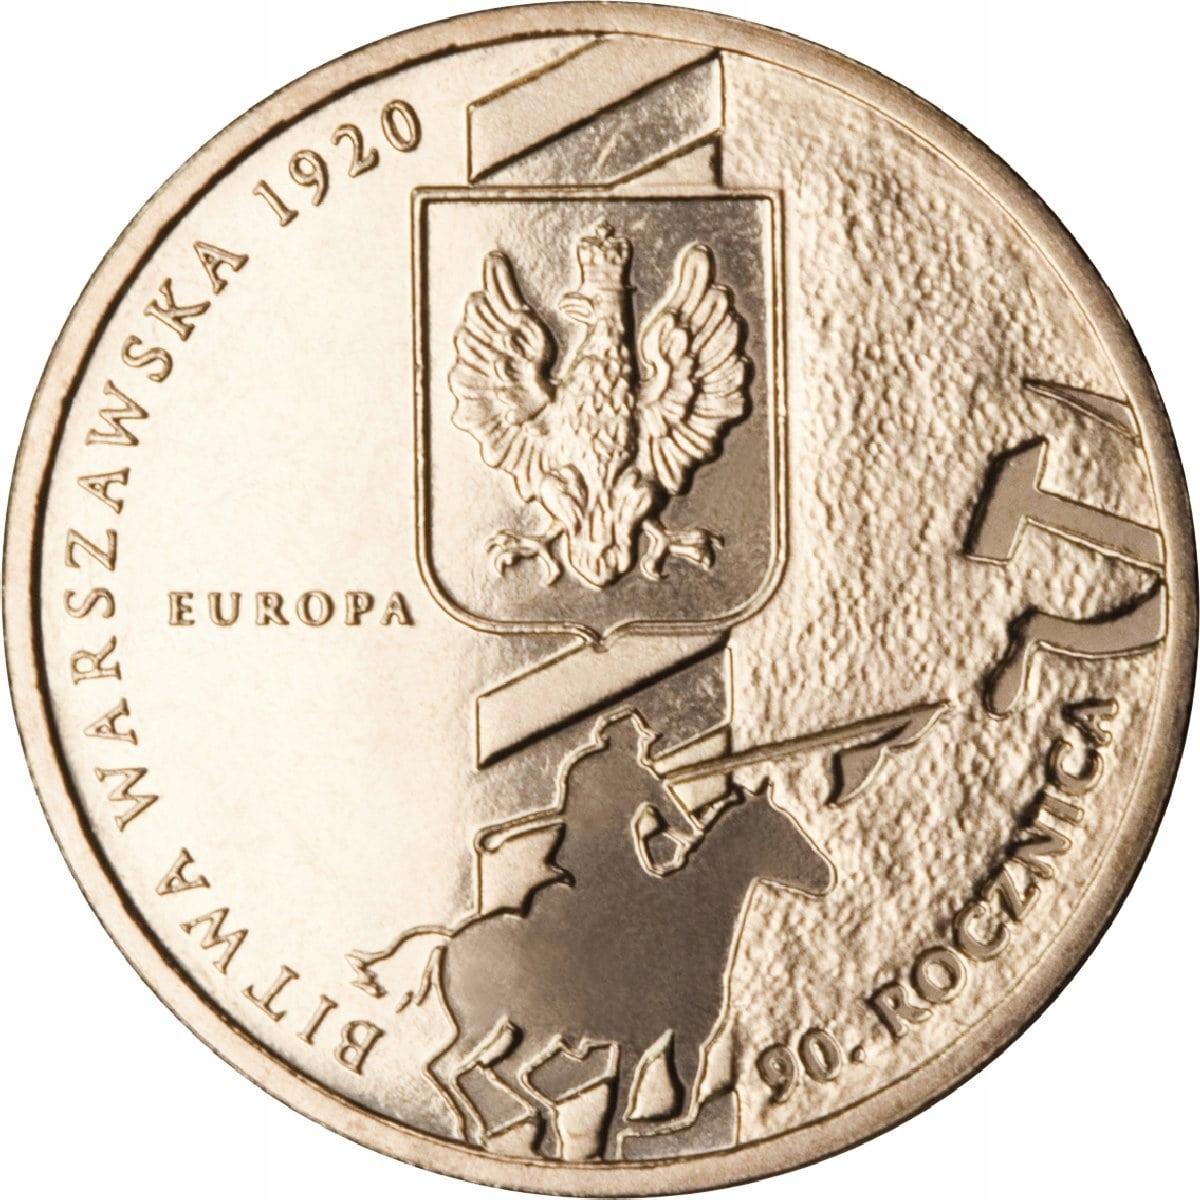 Moneta 2 zł Bitwa Warszawska